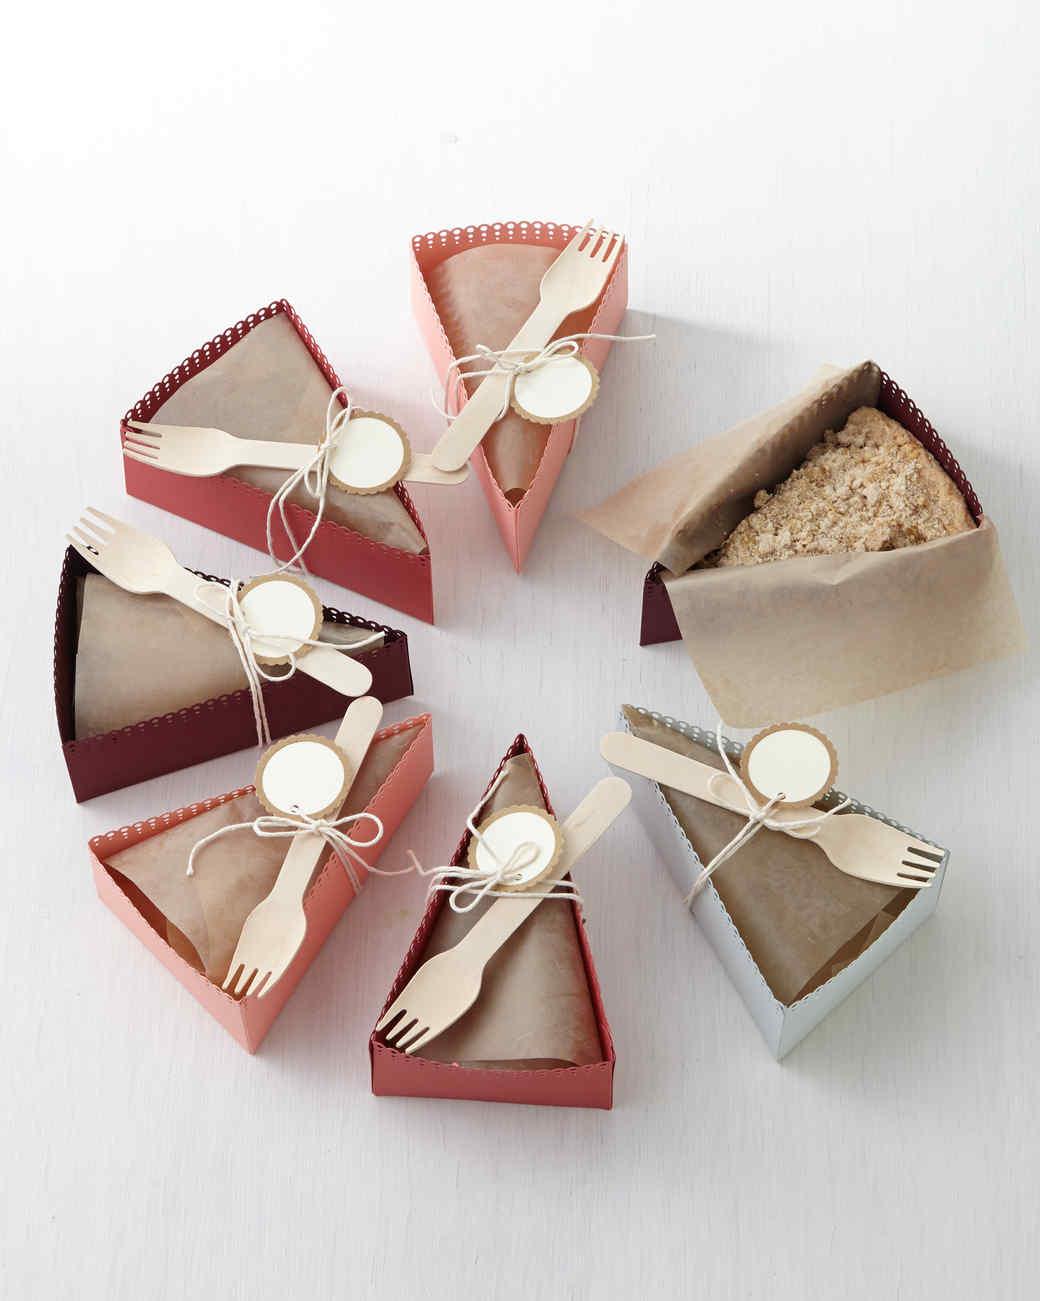 DIY Paper Pie Slice Boxes Martha Stewart